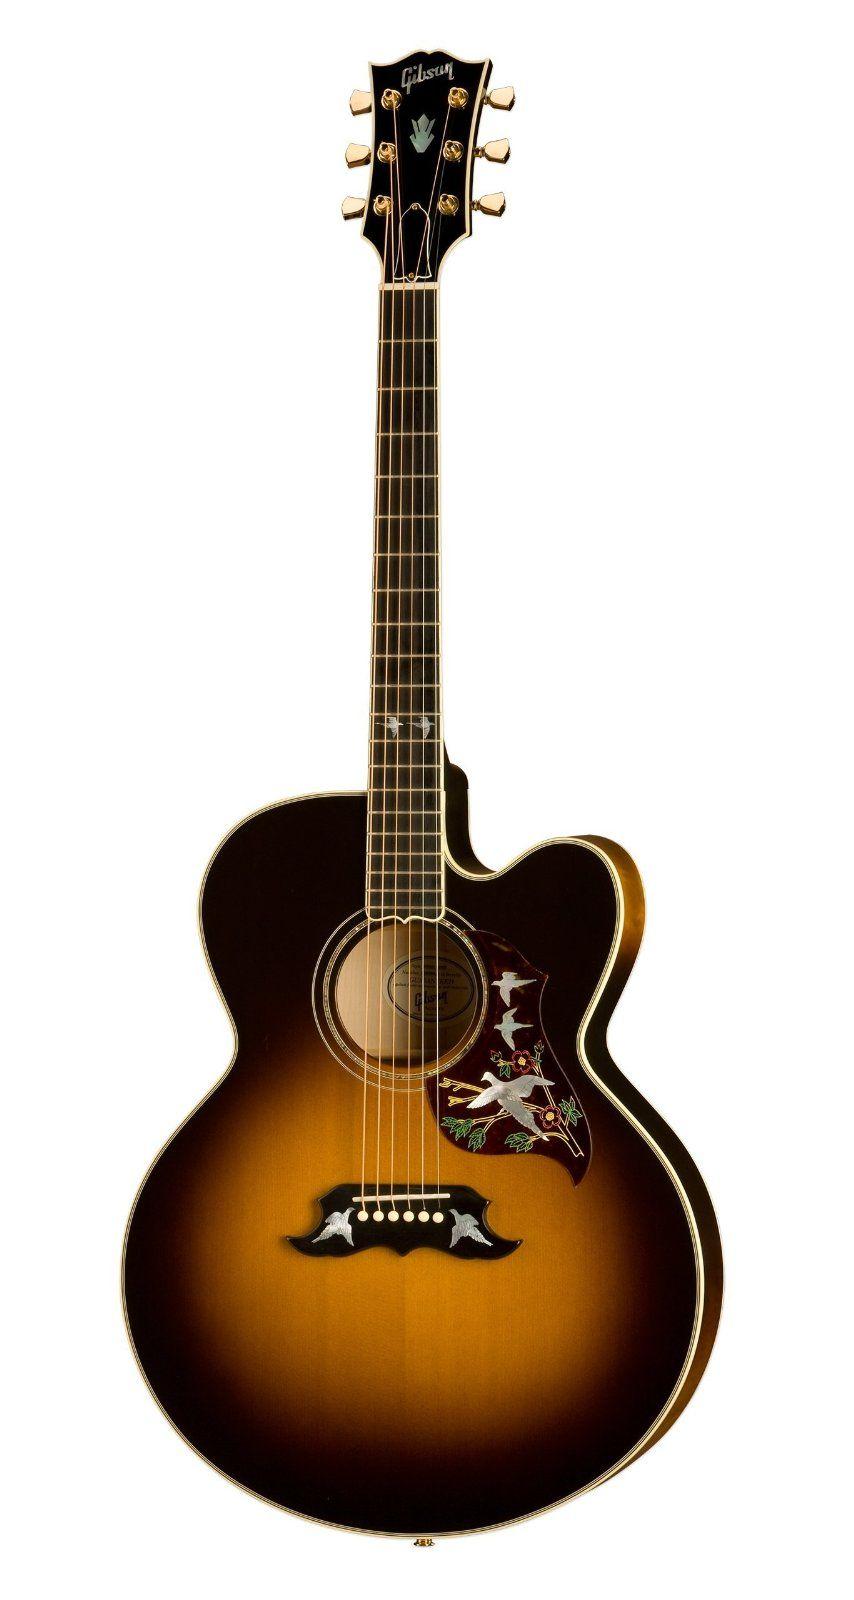 Gibson Super Dove Acoustic Electric Guitar Vintage Sunburst Amazon Musical Instruments Guitar Acoustic Electric Guitar Acoustic Electric